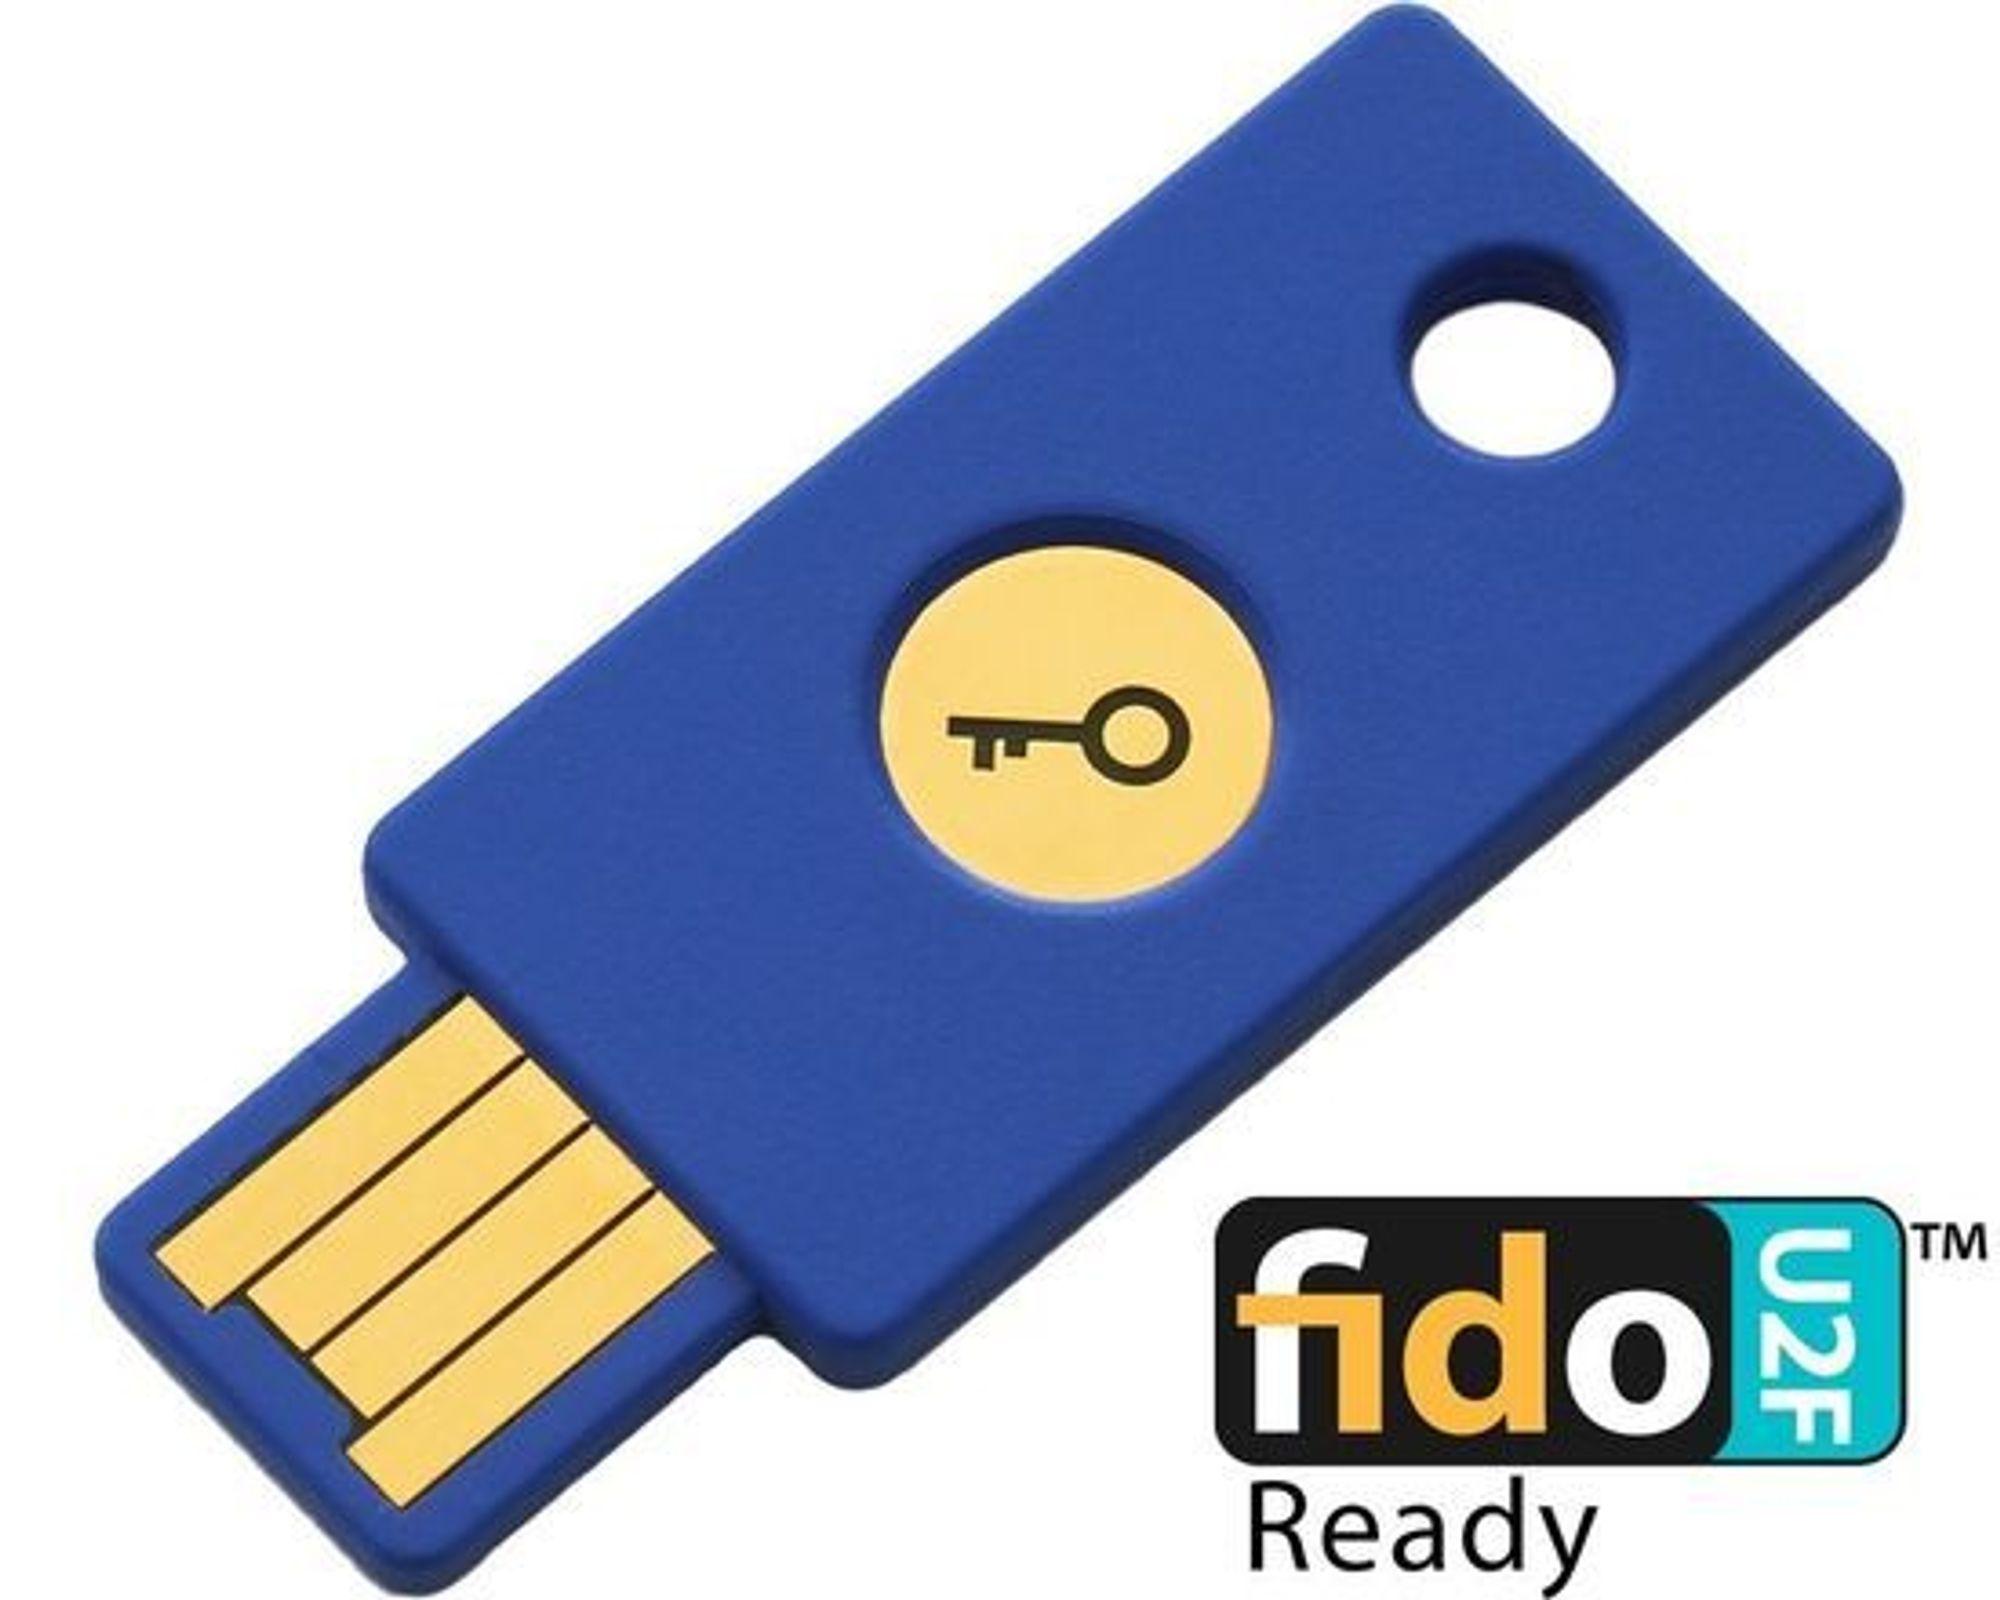 Yubicos FIDO U2F Security Key er blant sikkerhetsnøklene som kan brukes til innlogging på Google.